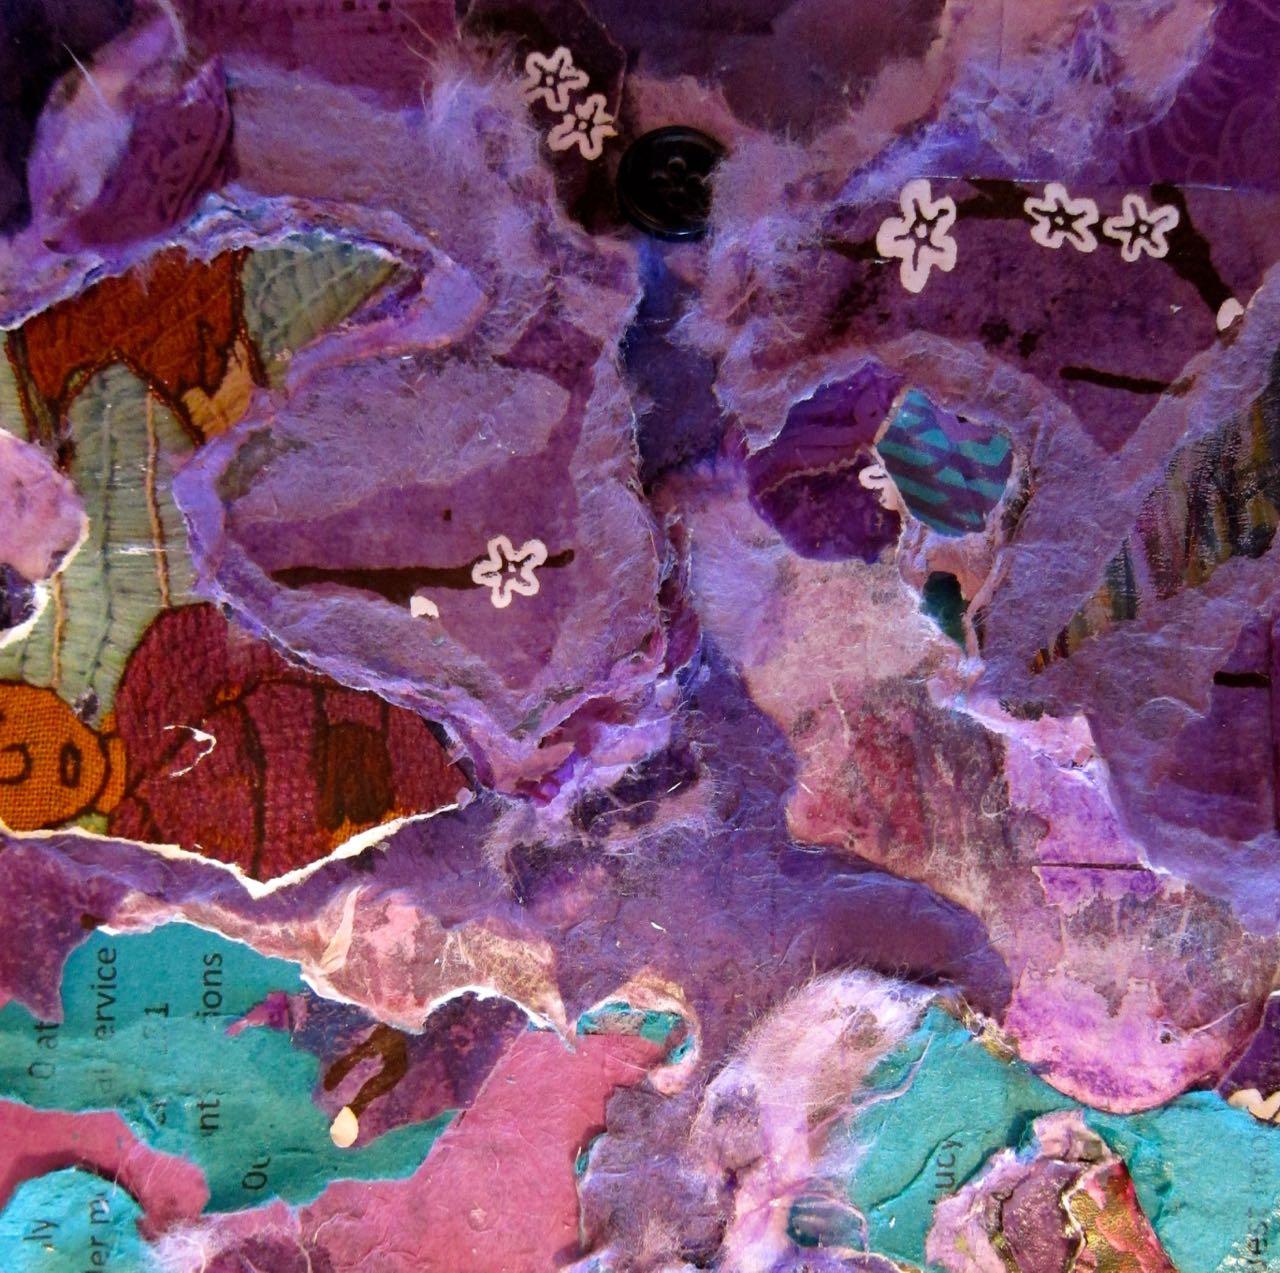 Jenny's Purple Tuftscape, Catherine Raine 2014